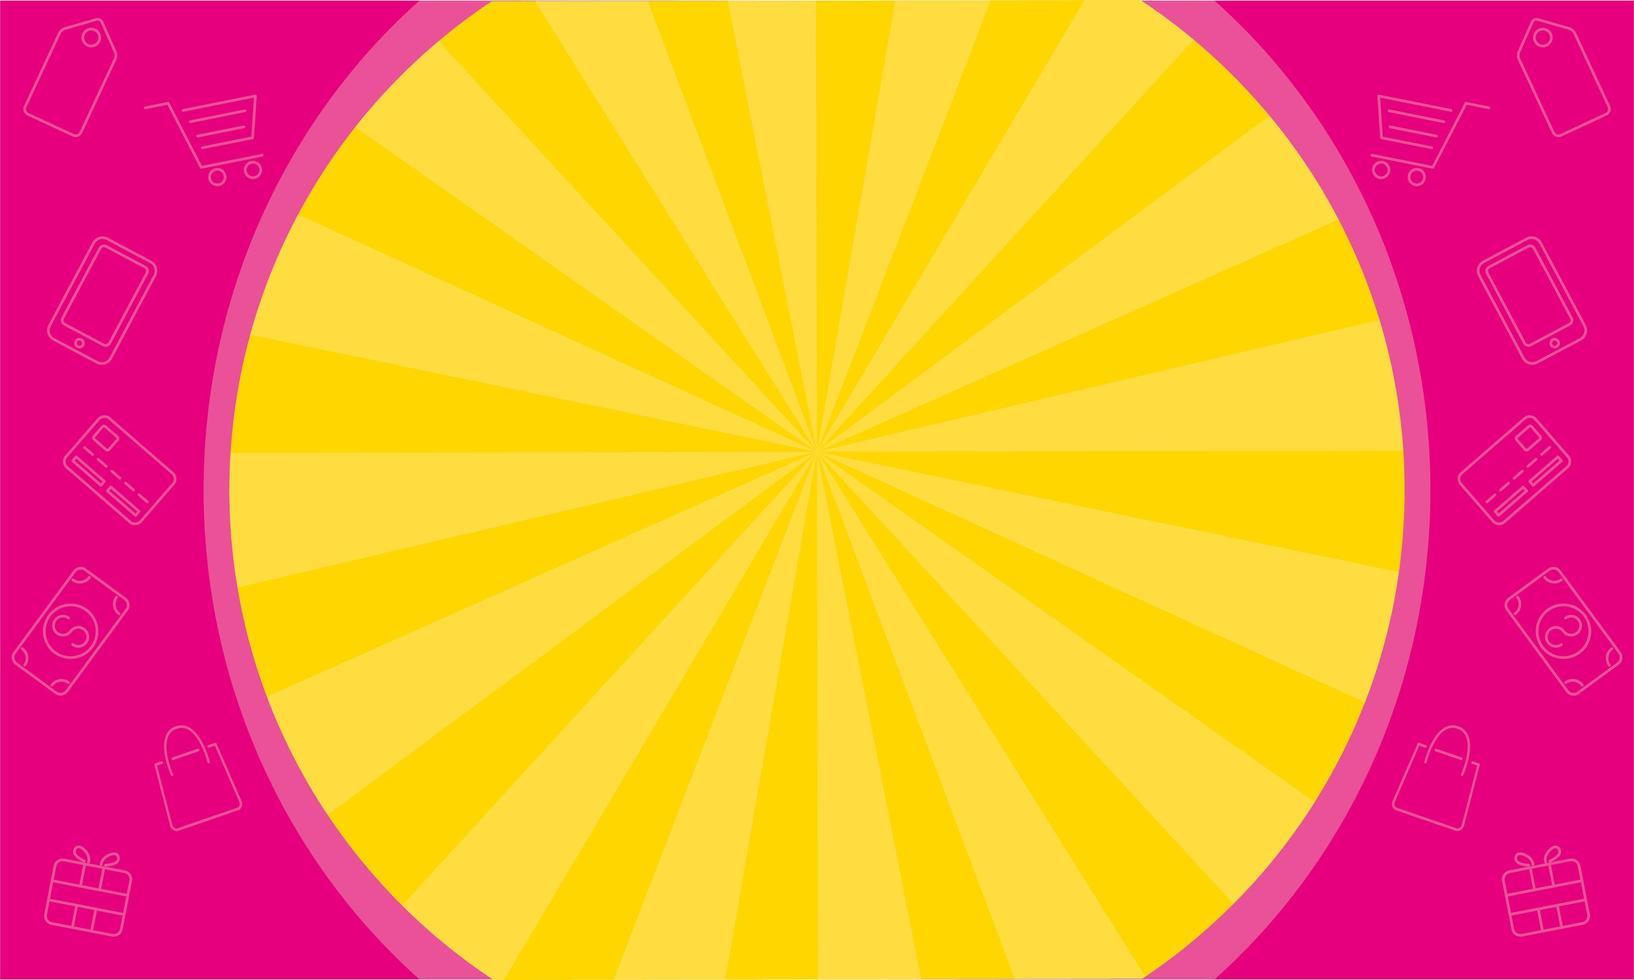 circulaire frame verkoop banner kleuren poster vector